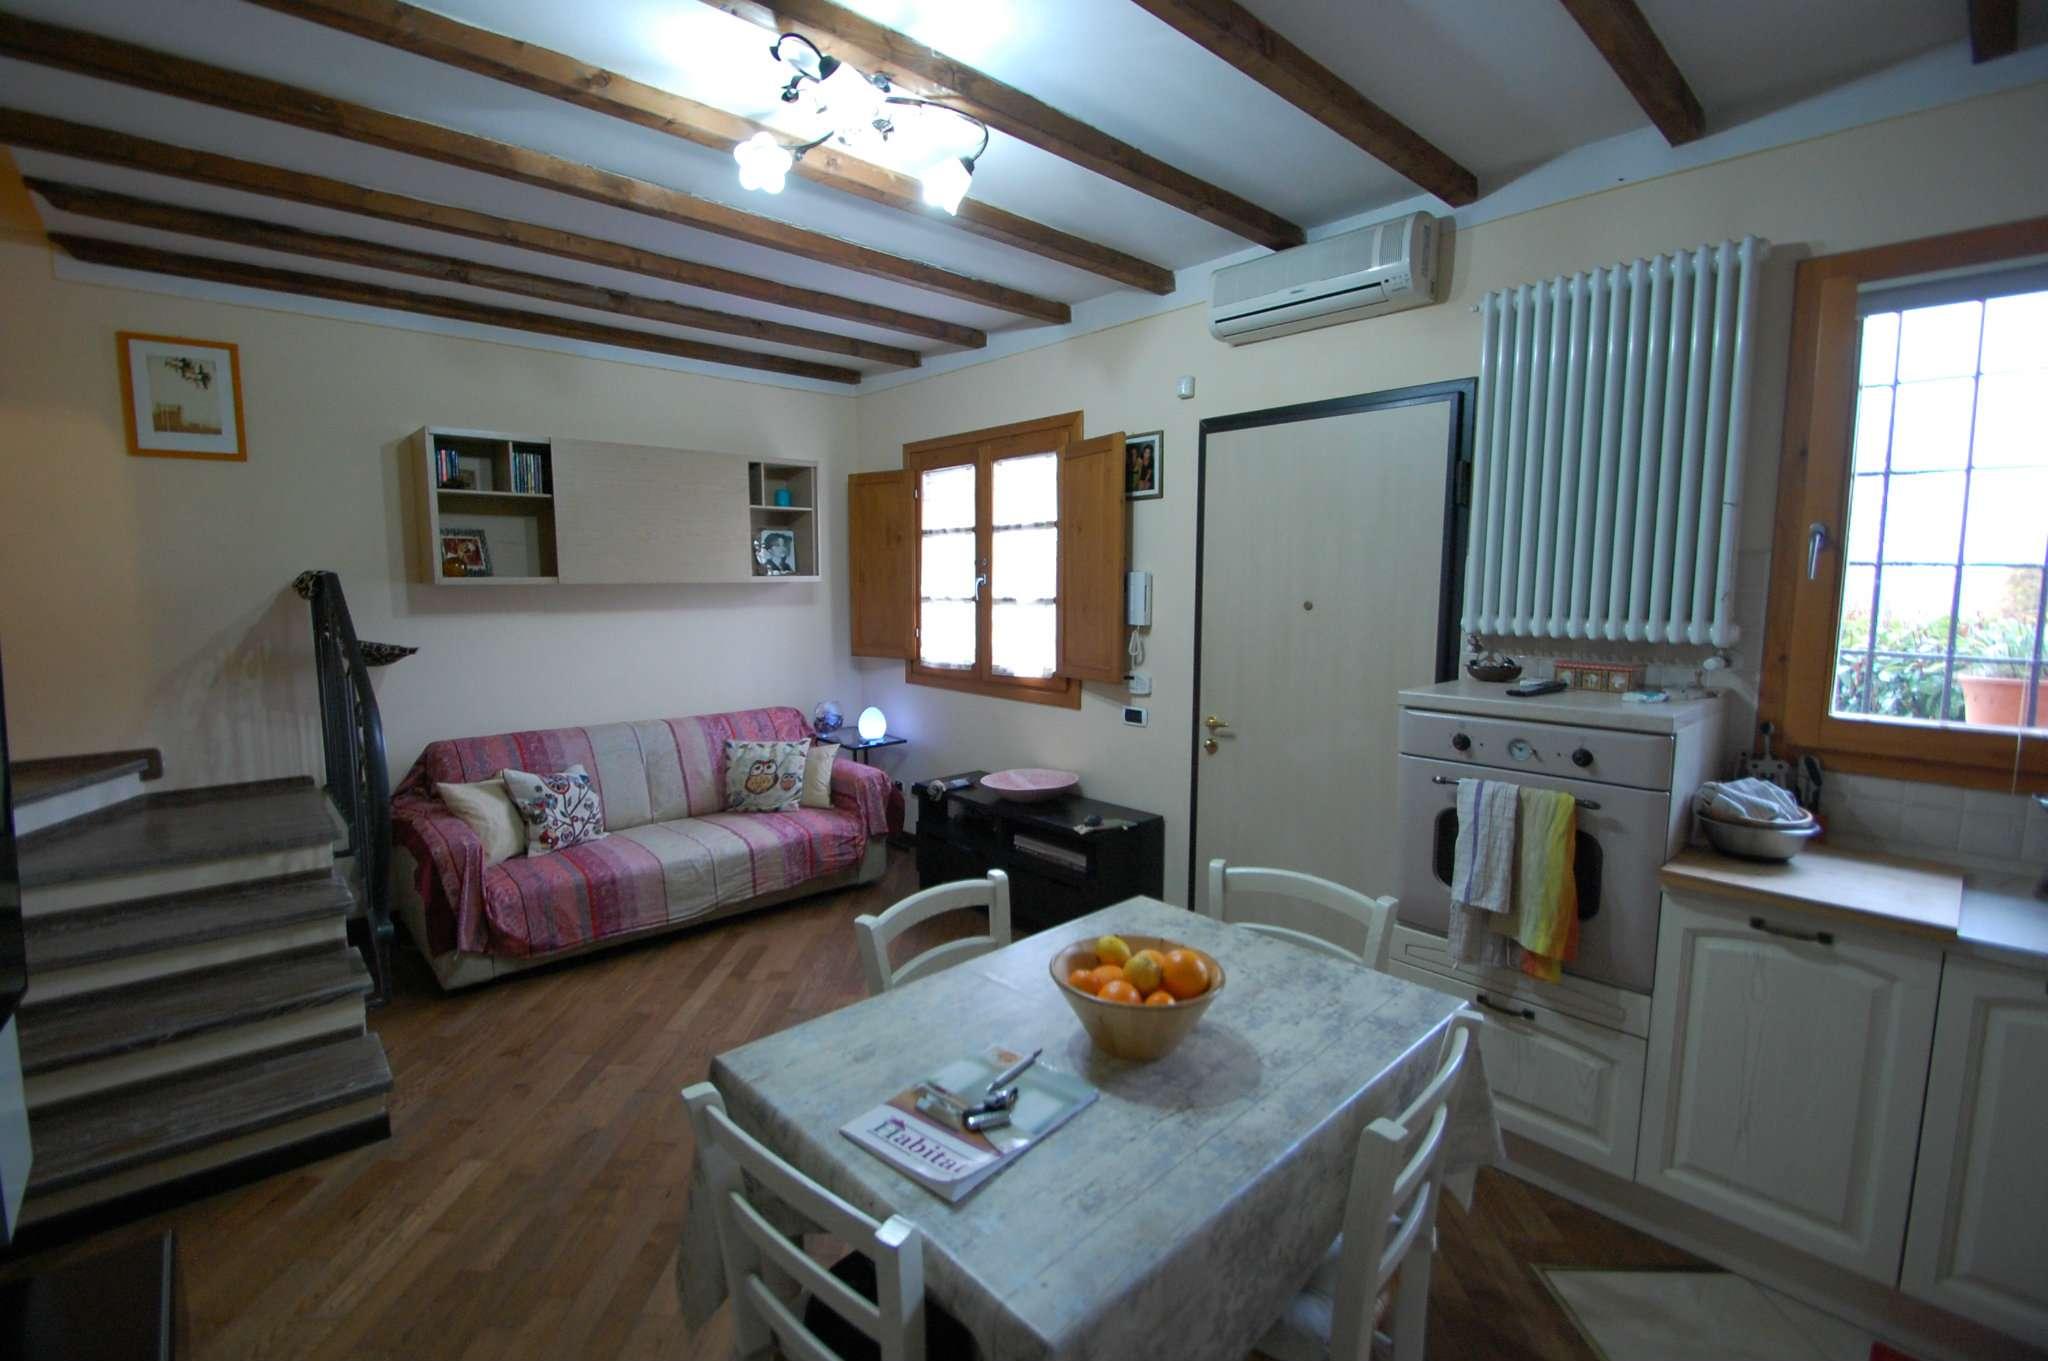 Palazzo / Stabile in vendita a Prato, 3 locali, prezzo € 210.000 | Cambio Casa.it